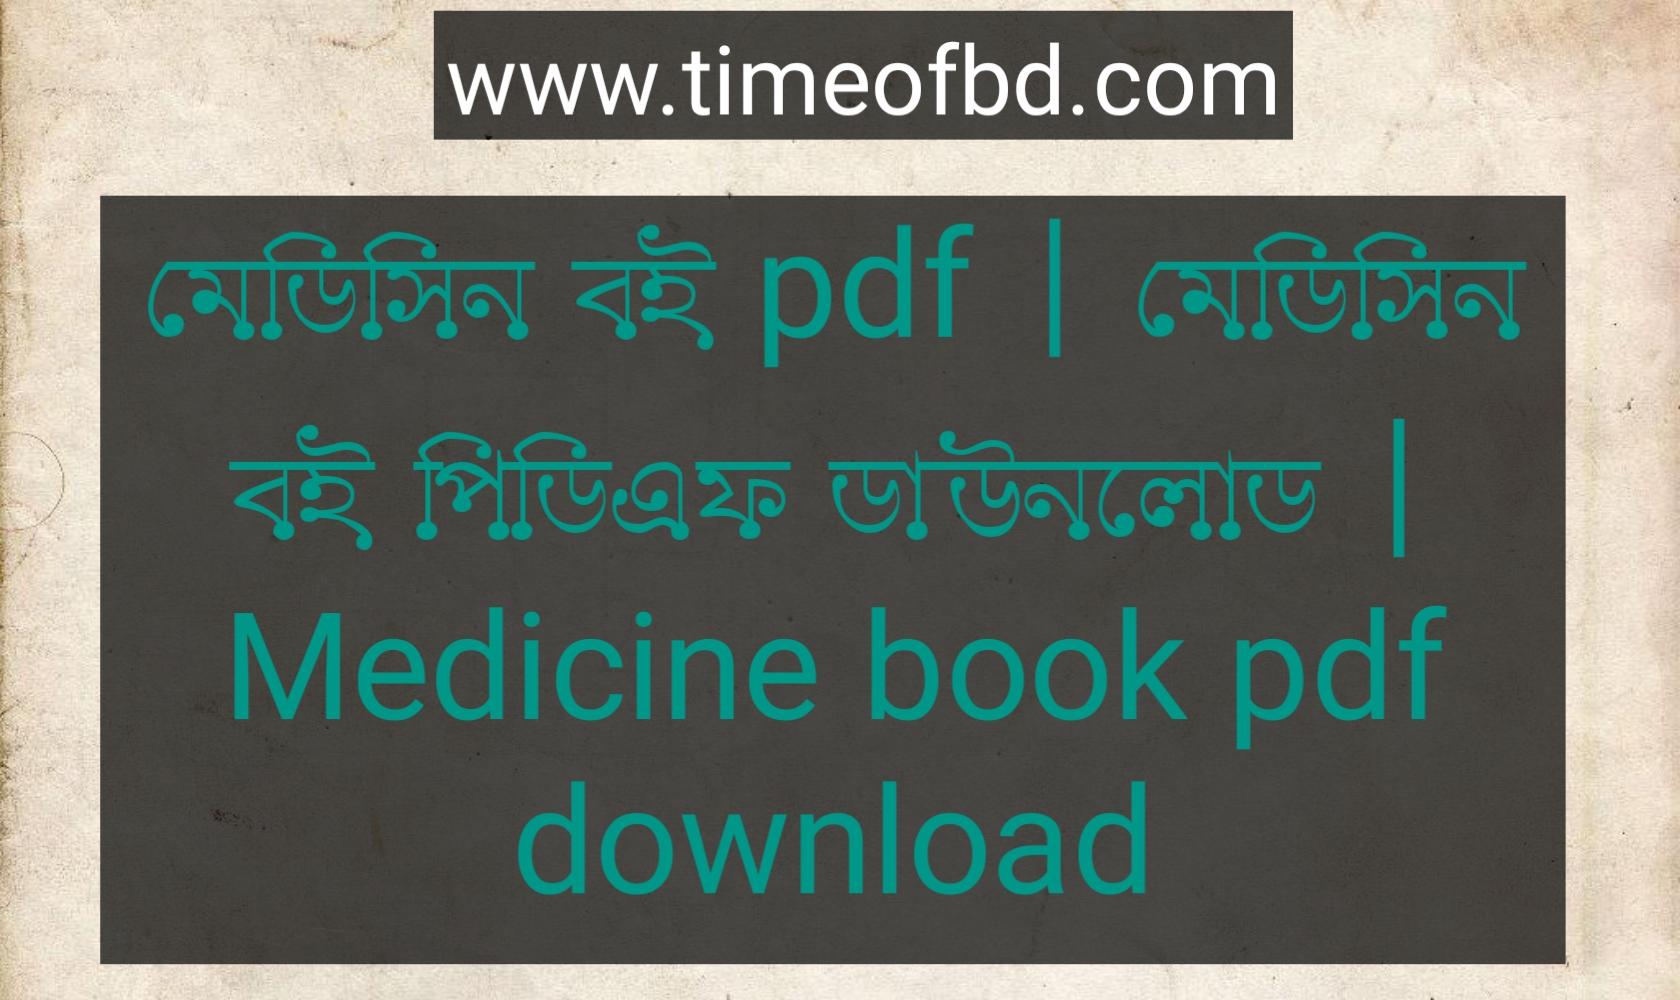 মেডিসিন বই pdf, মেডিসিন বই পিডিএফ ডাউনলোড, মেডিসিন বই পিডিএফ, মেডিসিন বই pdf download,